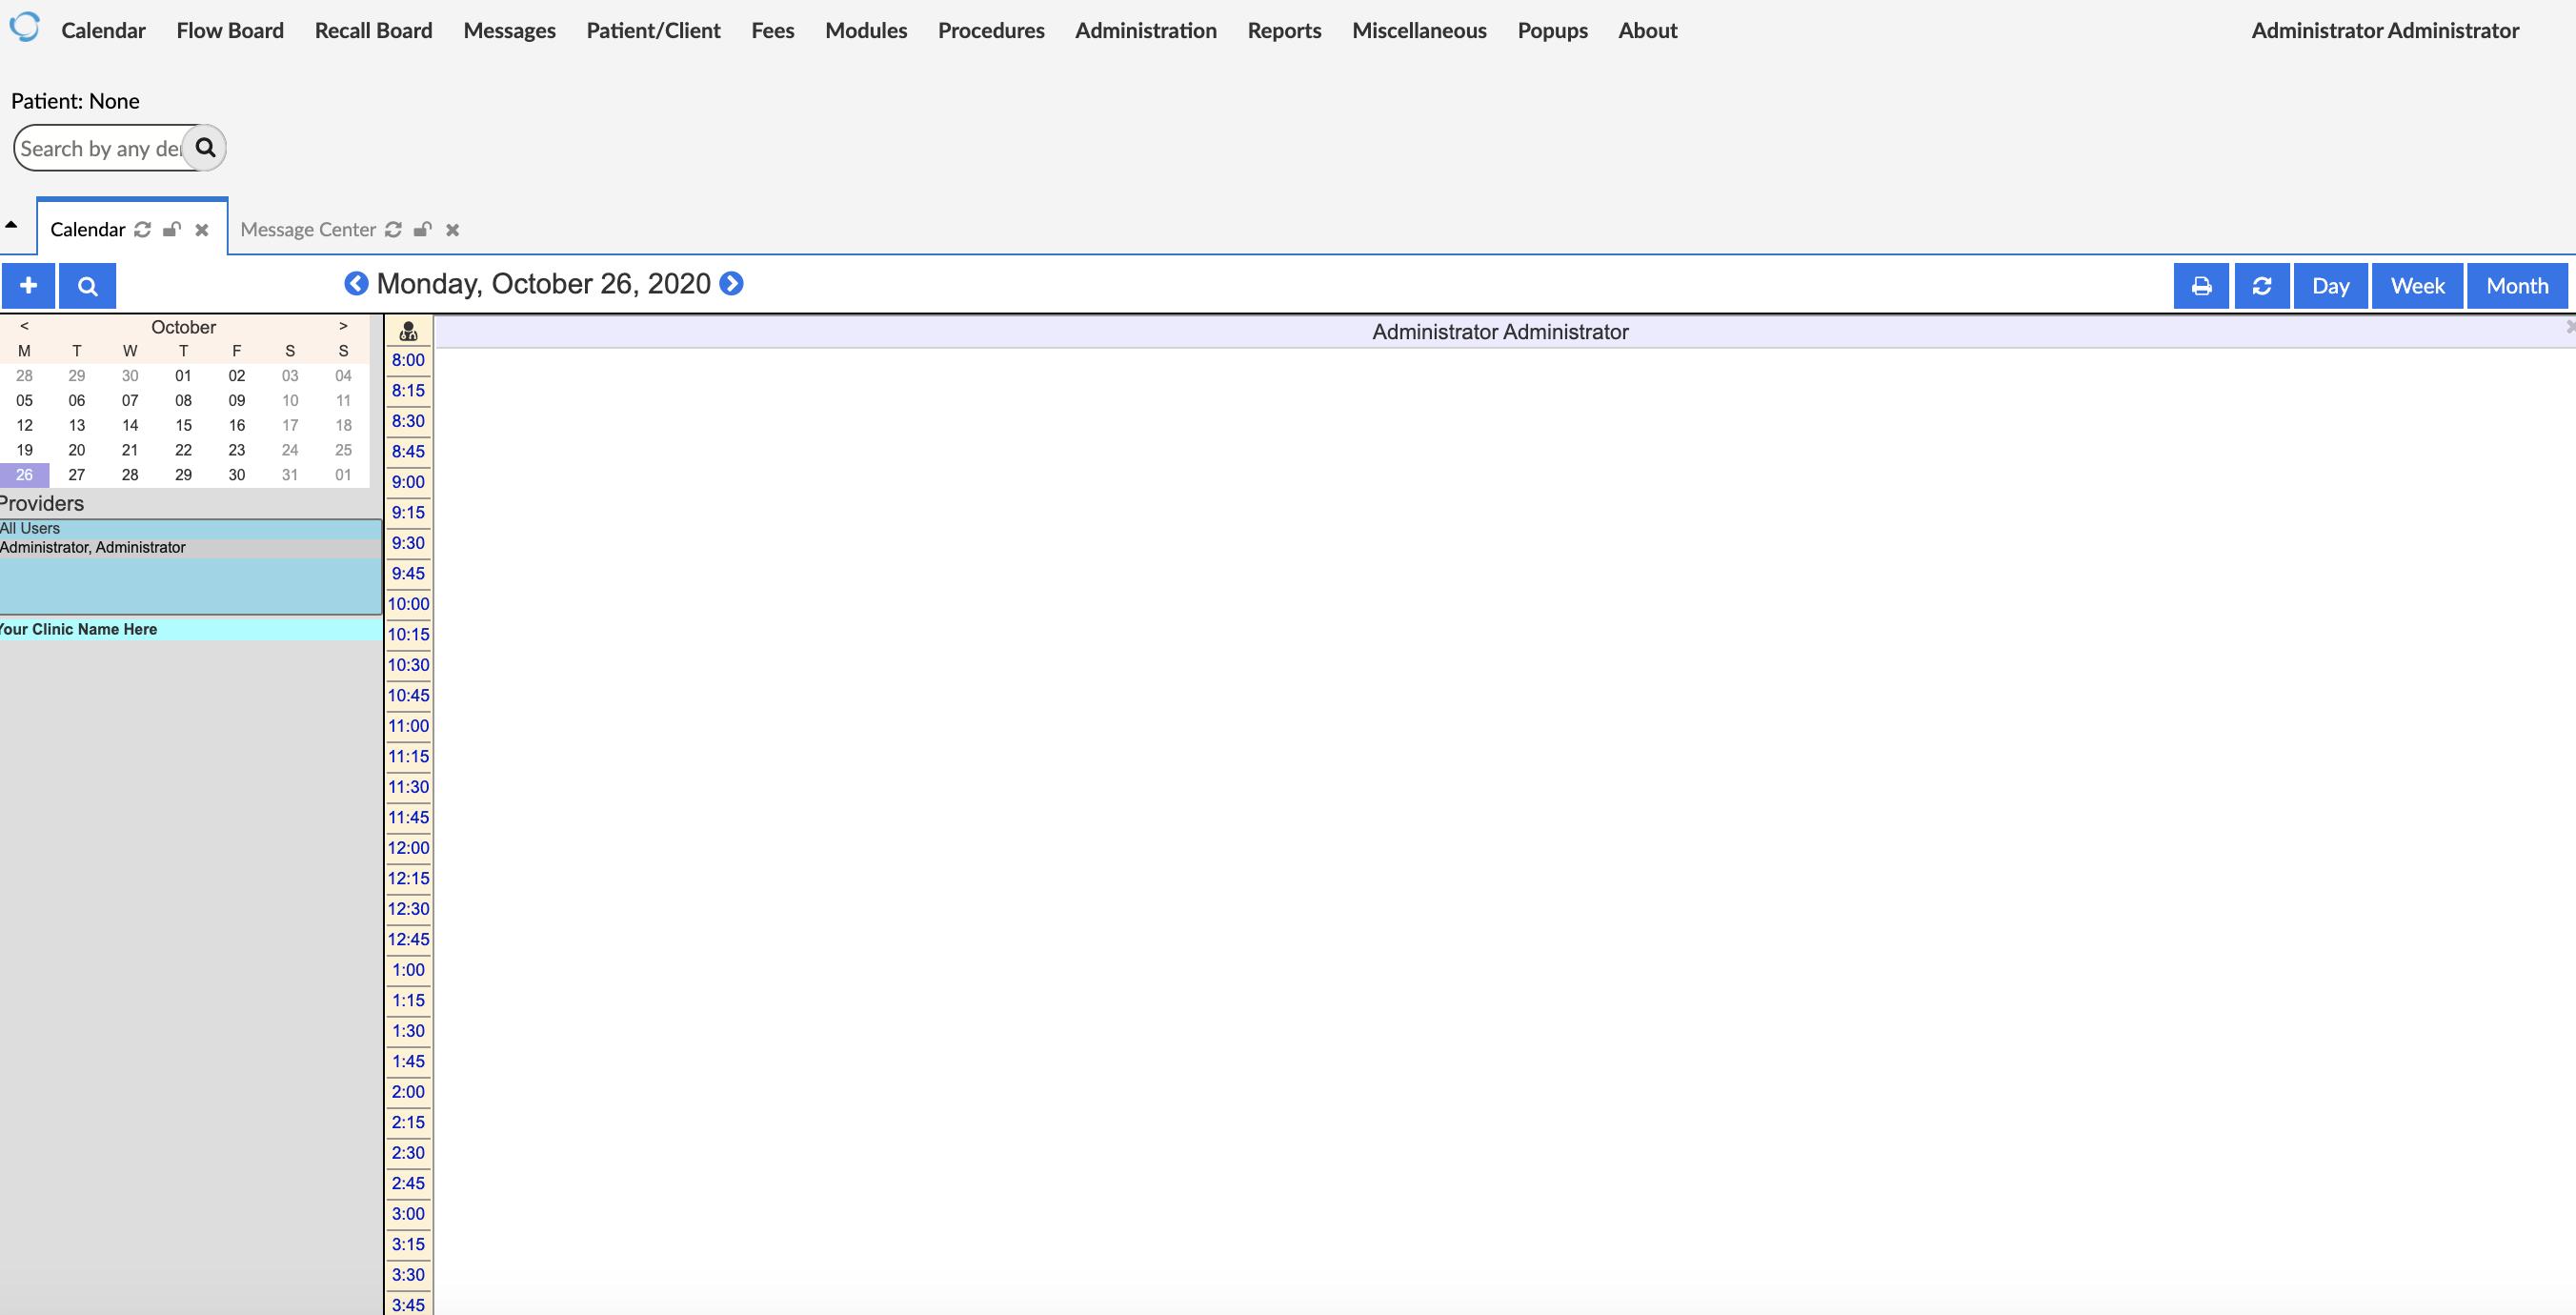 OpenEMR dashboard